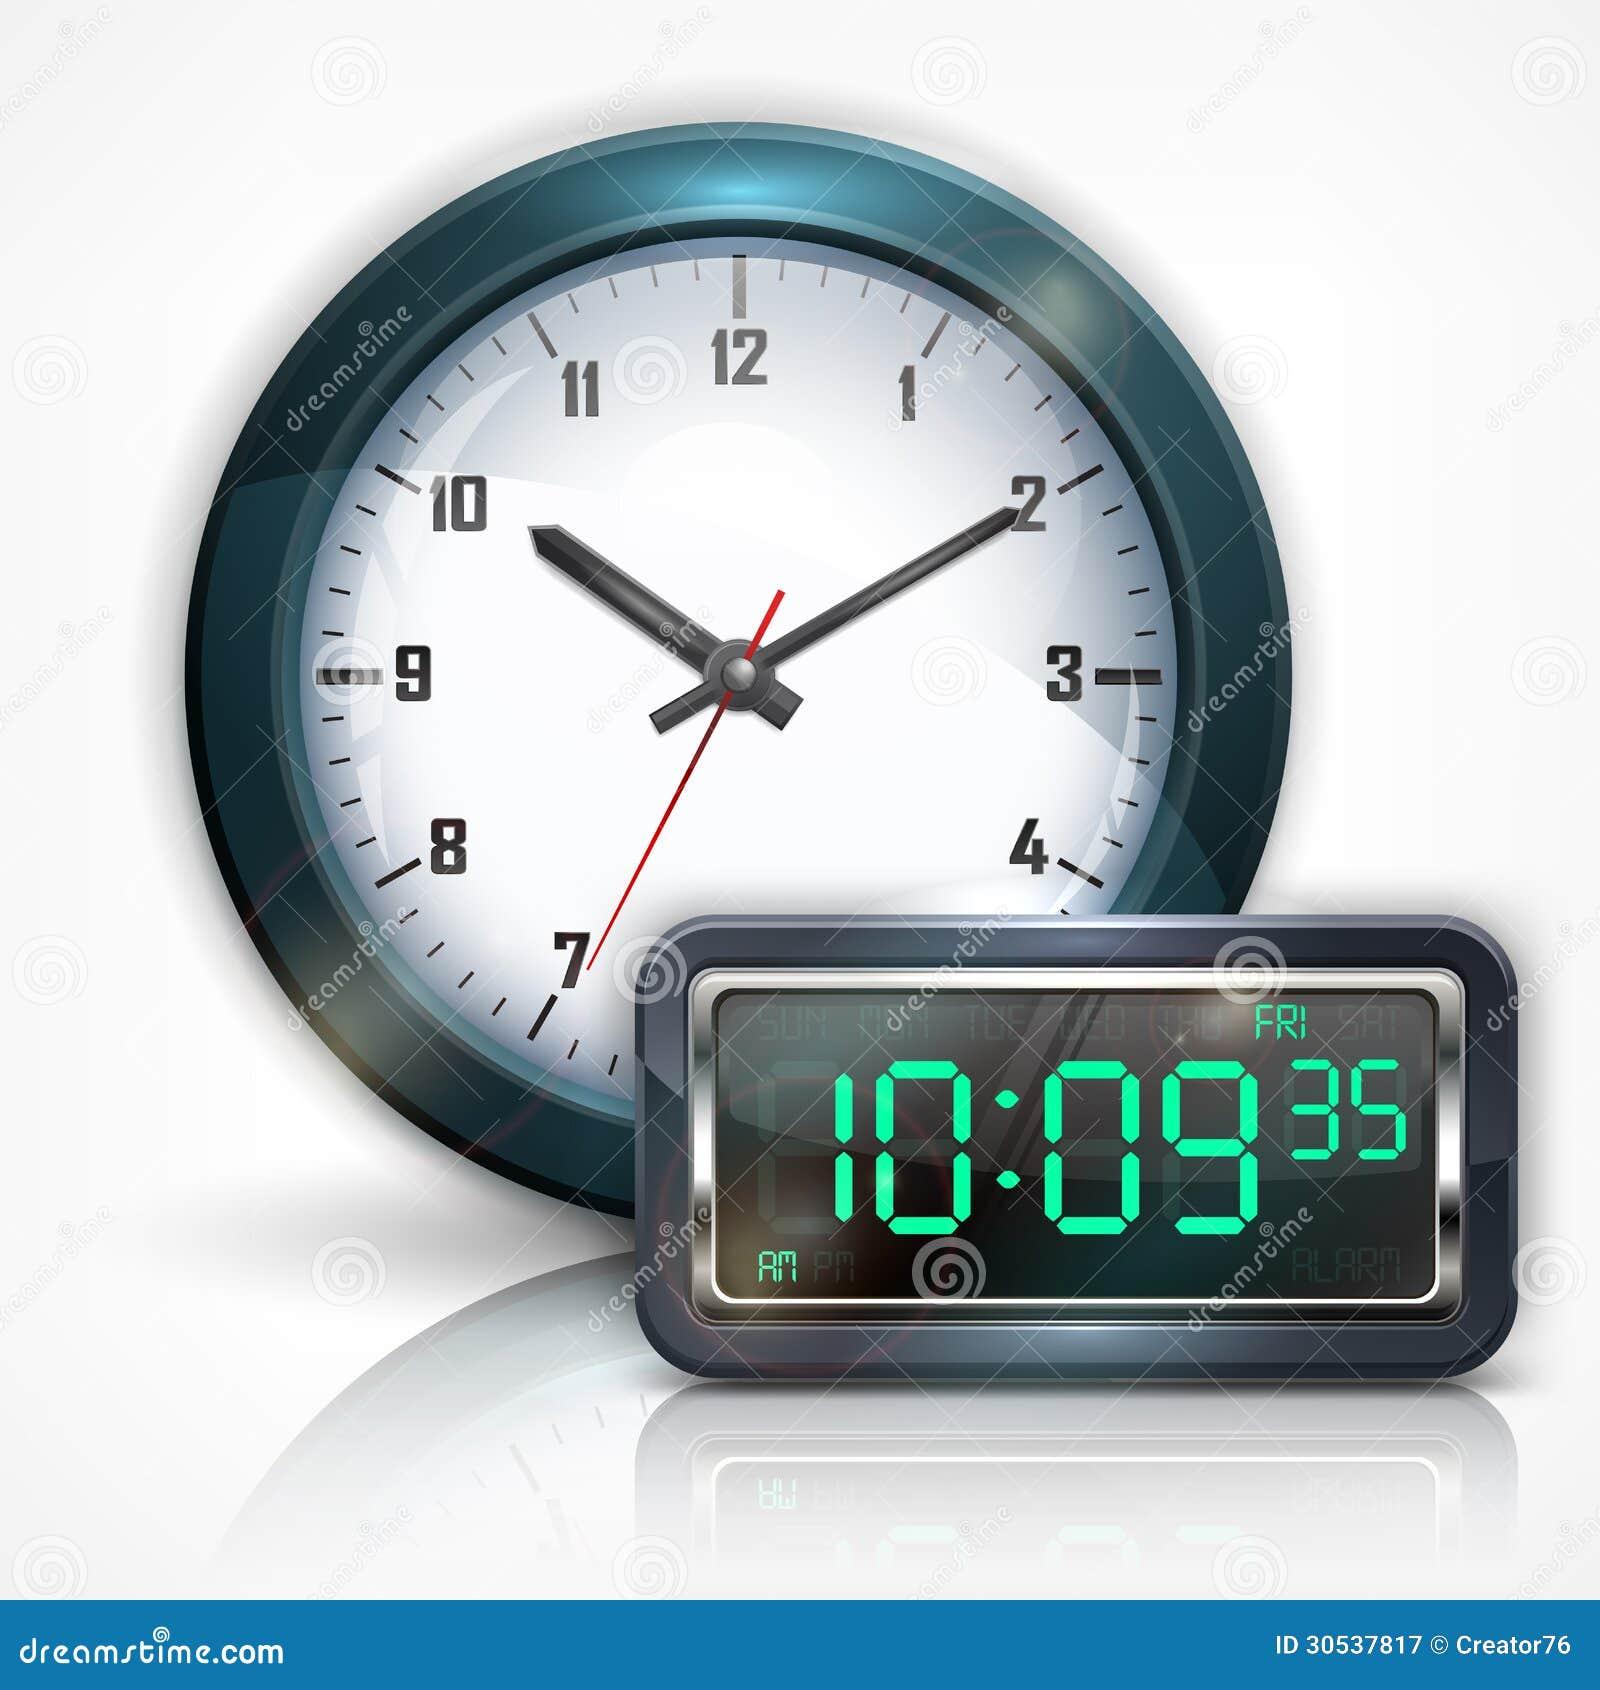 Horloges murales et cadran électronique sur le blanc